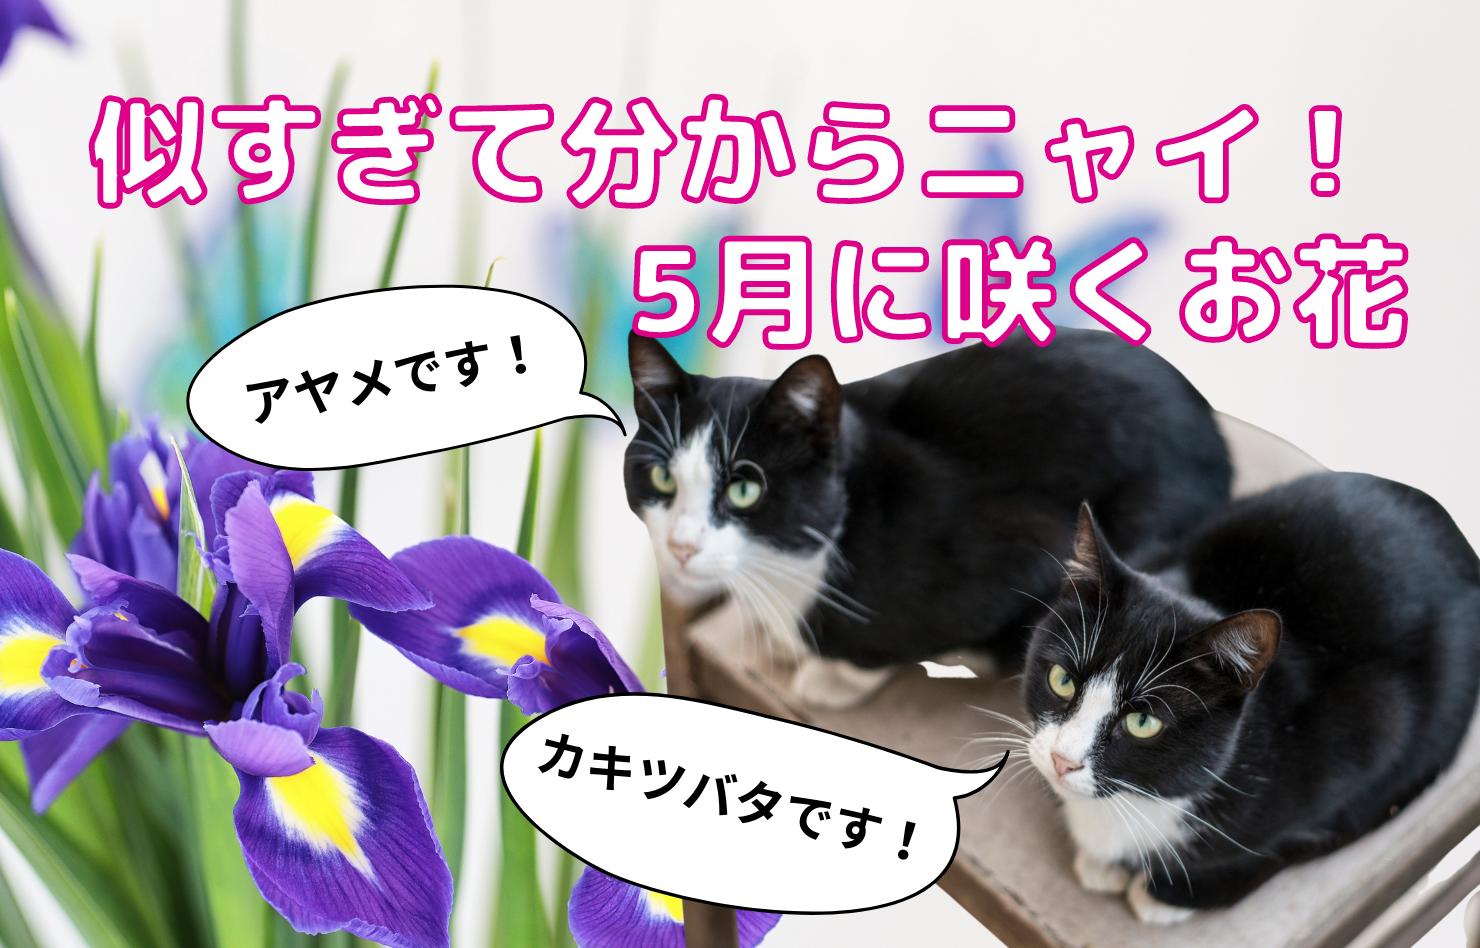 似すぎて分からニャイ!5月に咲くお花